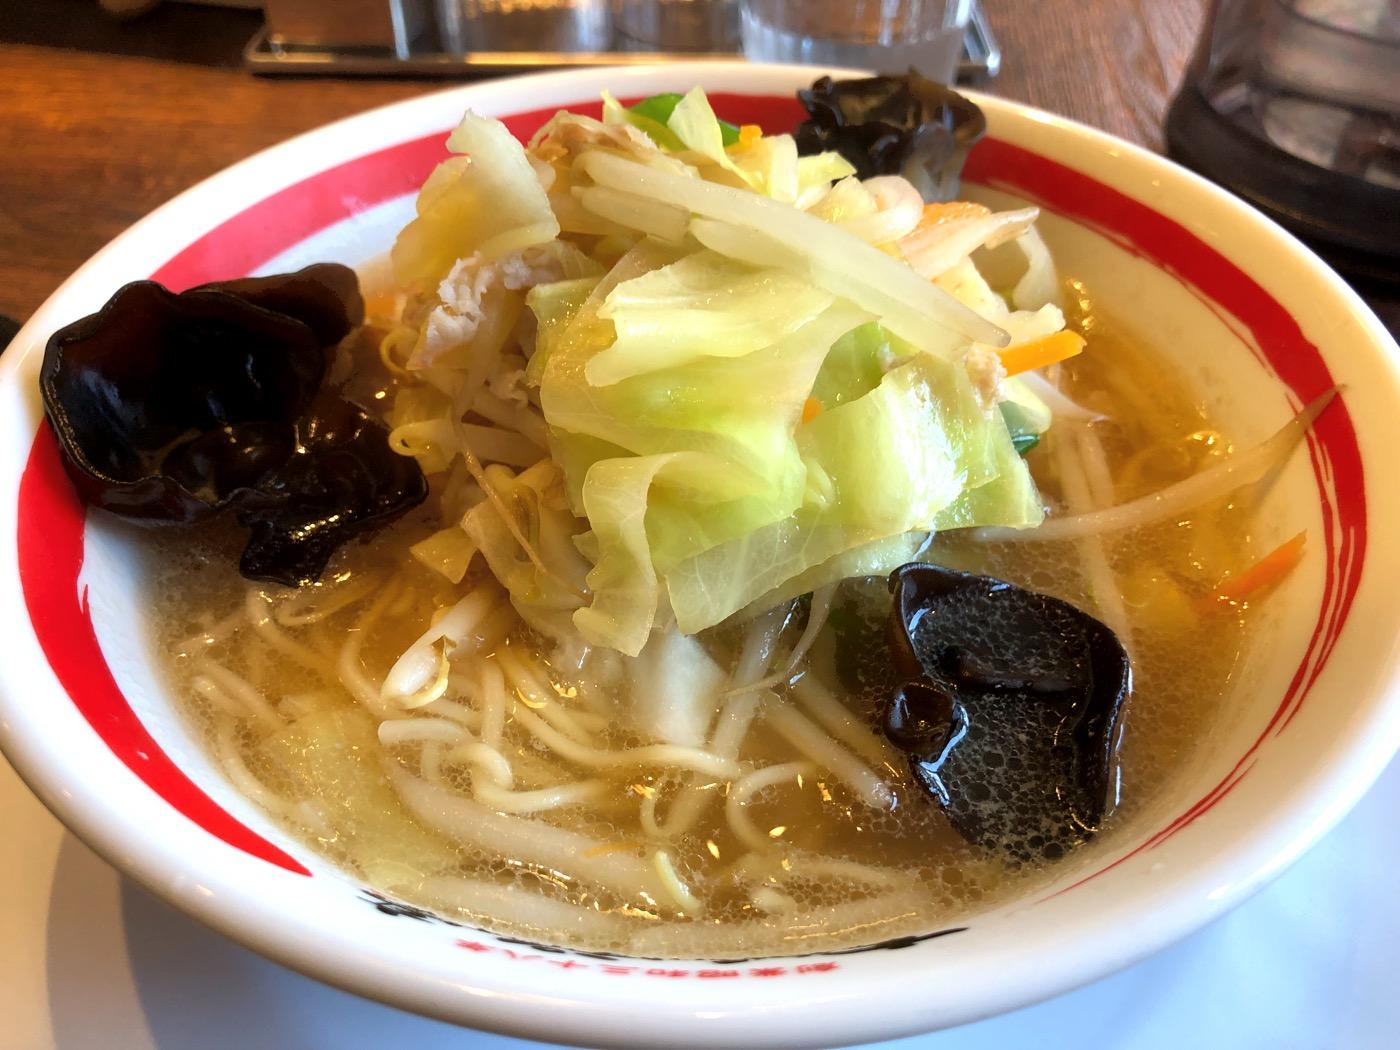 長崎ちゃんぽんとはひと味違う、近江ちゃんぽんを食べにいきました!